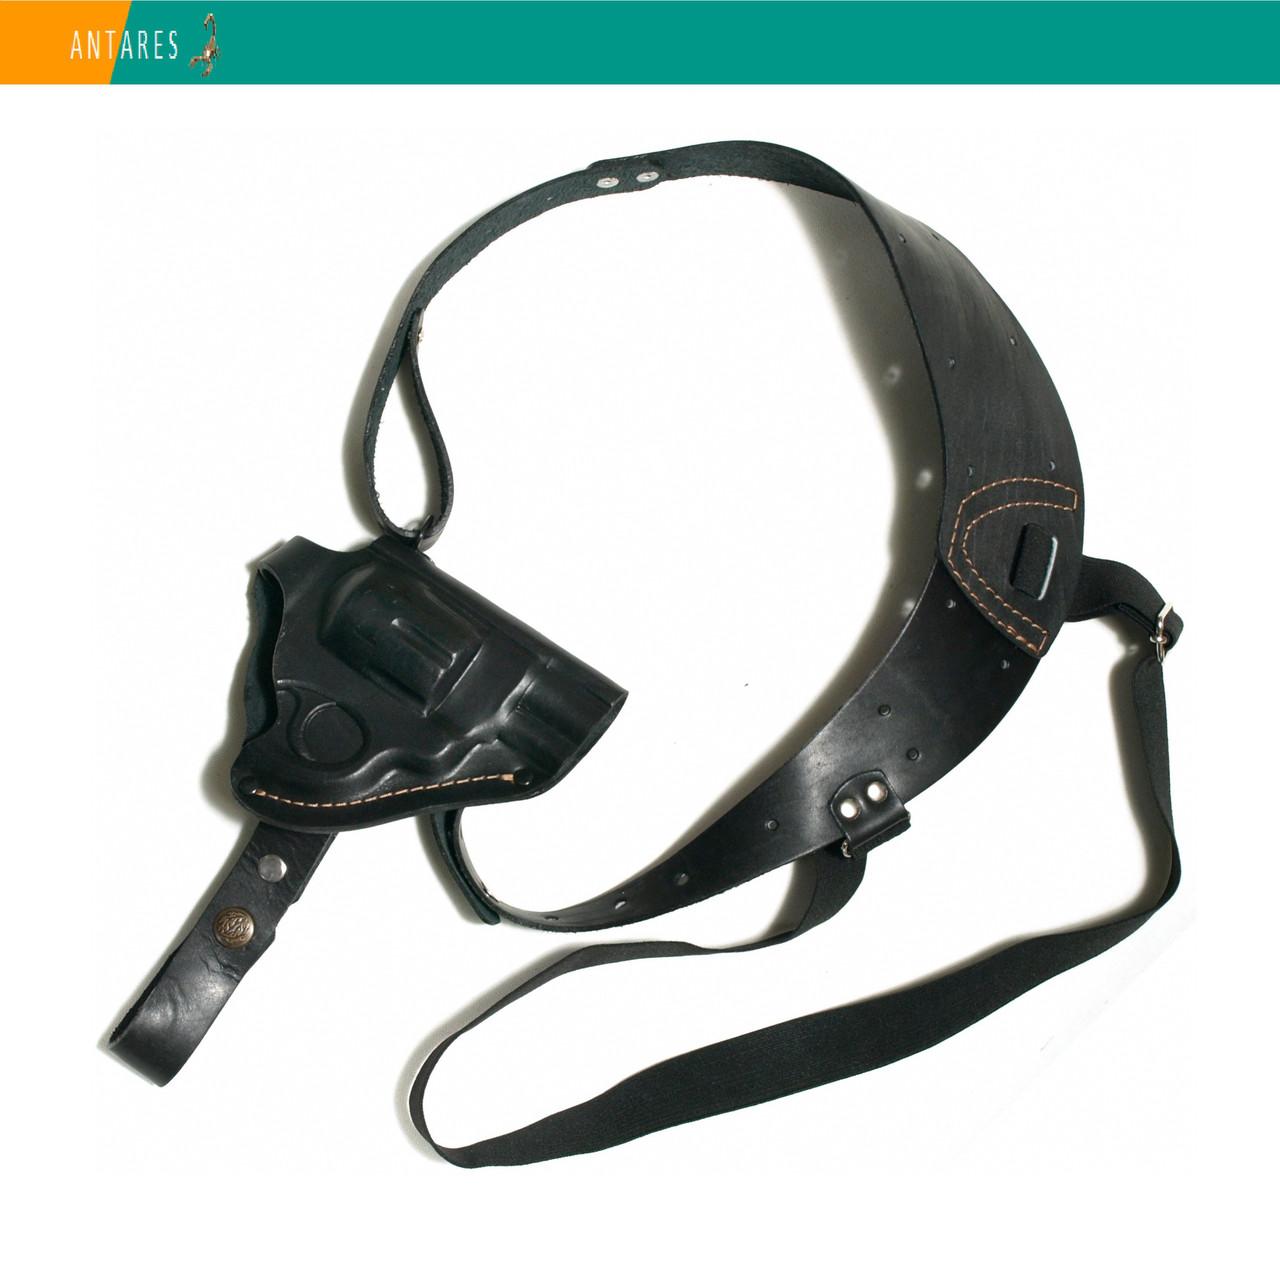 Кобура револьверы оперативная натуральная кожа (002) плечевое ношение под мышкой